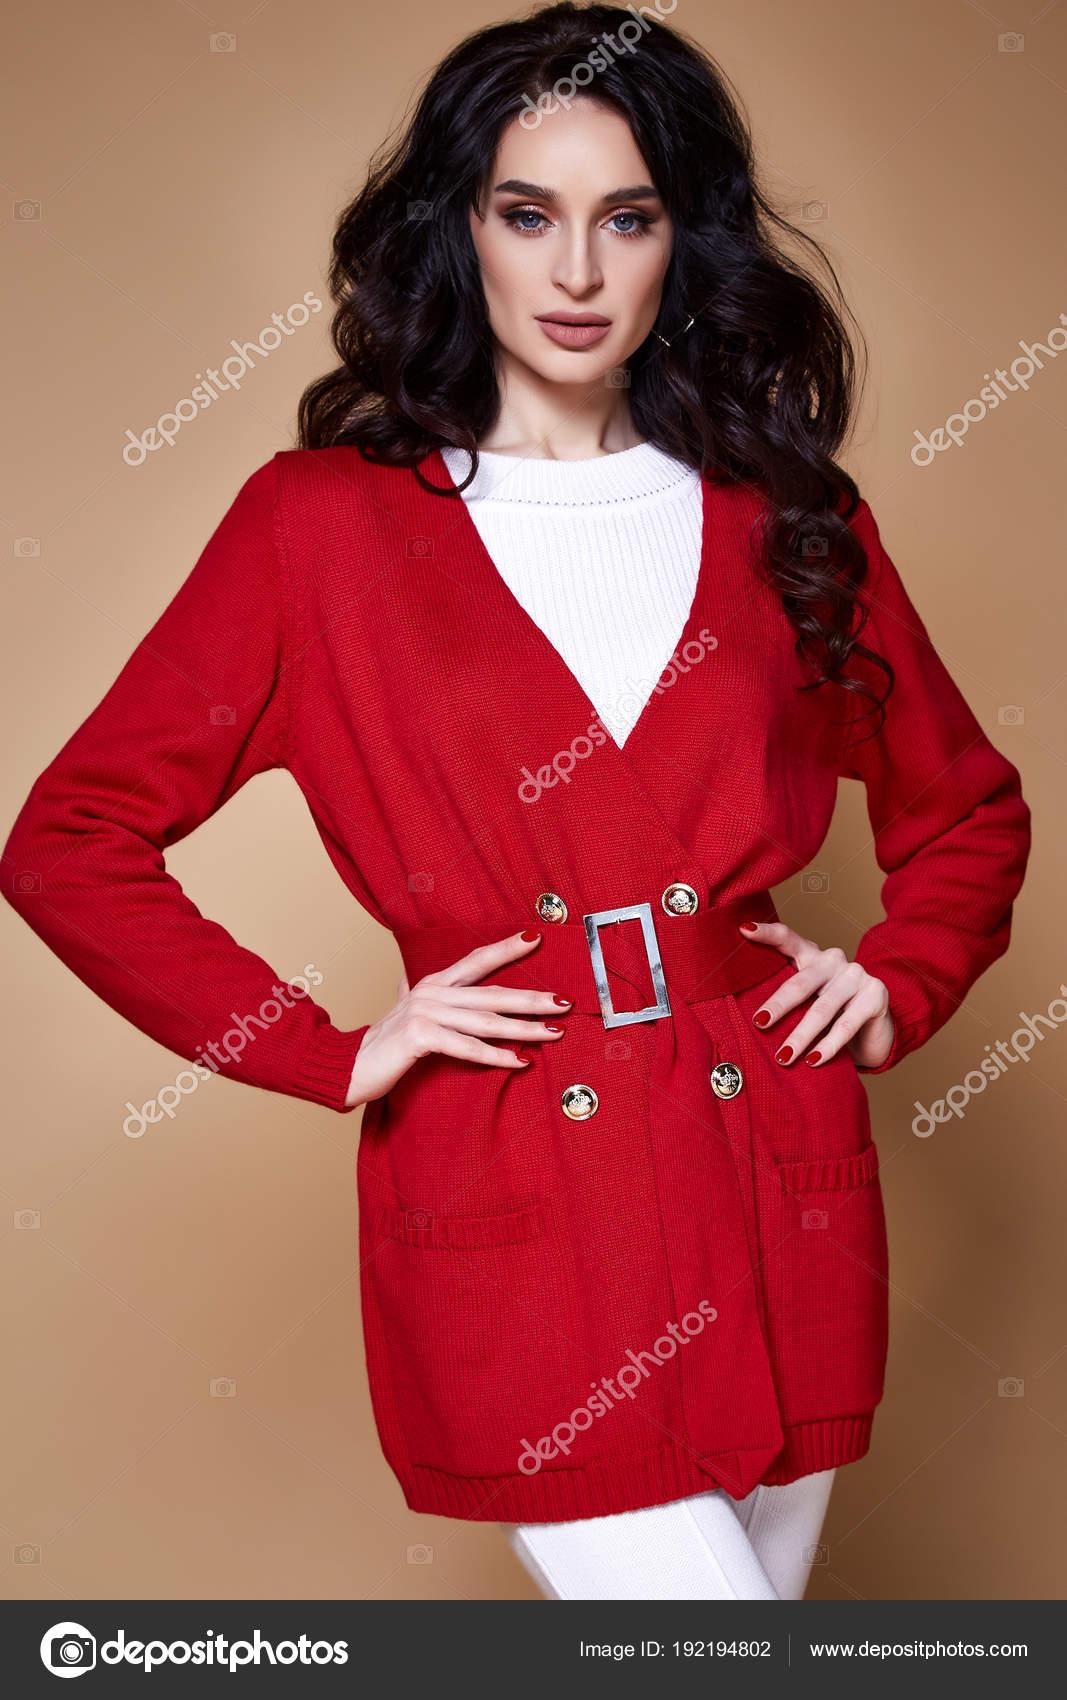 finest selection 4f4fb 37374 Ritratto bellezza sexy donna bel viso abbronzatura pelle ...